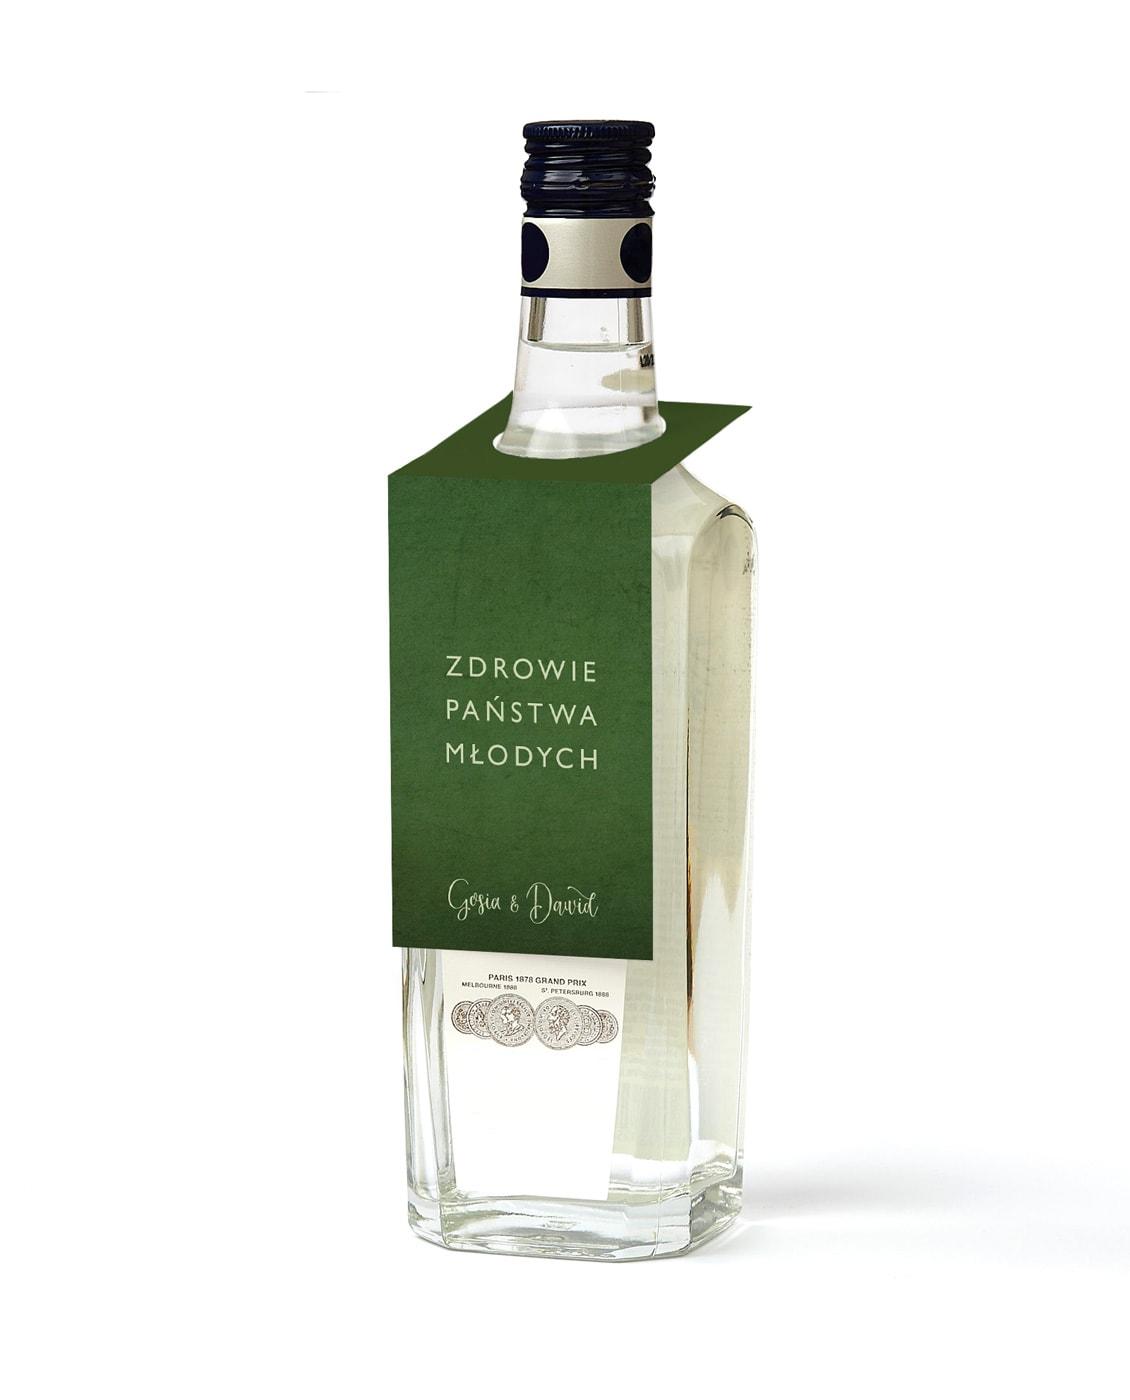 Zawieszki do powieszenia na szyjce butelki w kolorze ciemnej zieleni